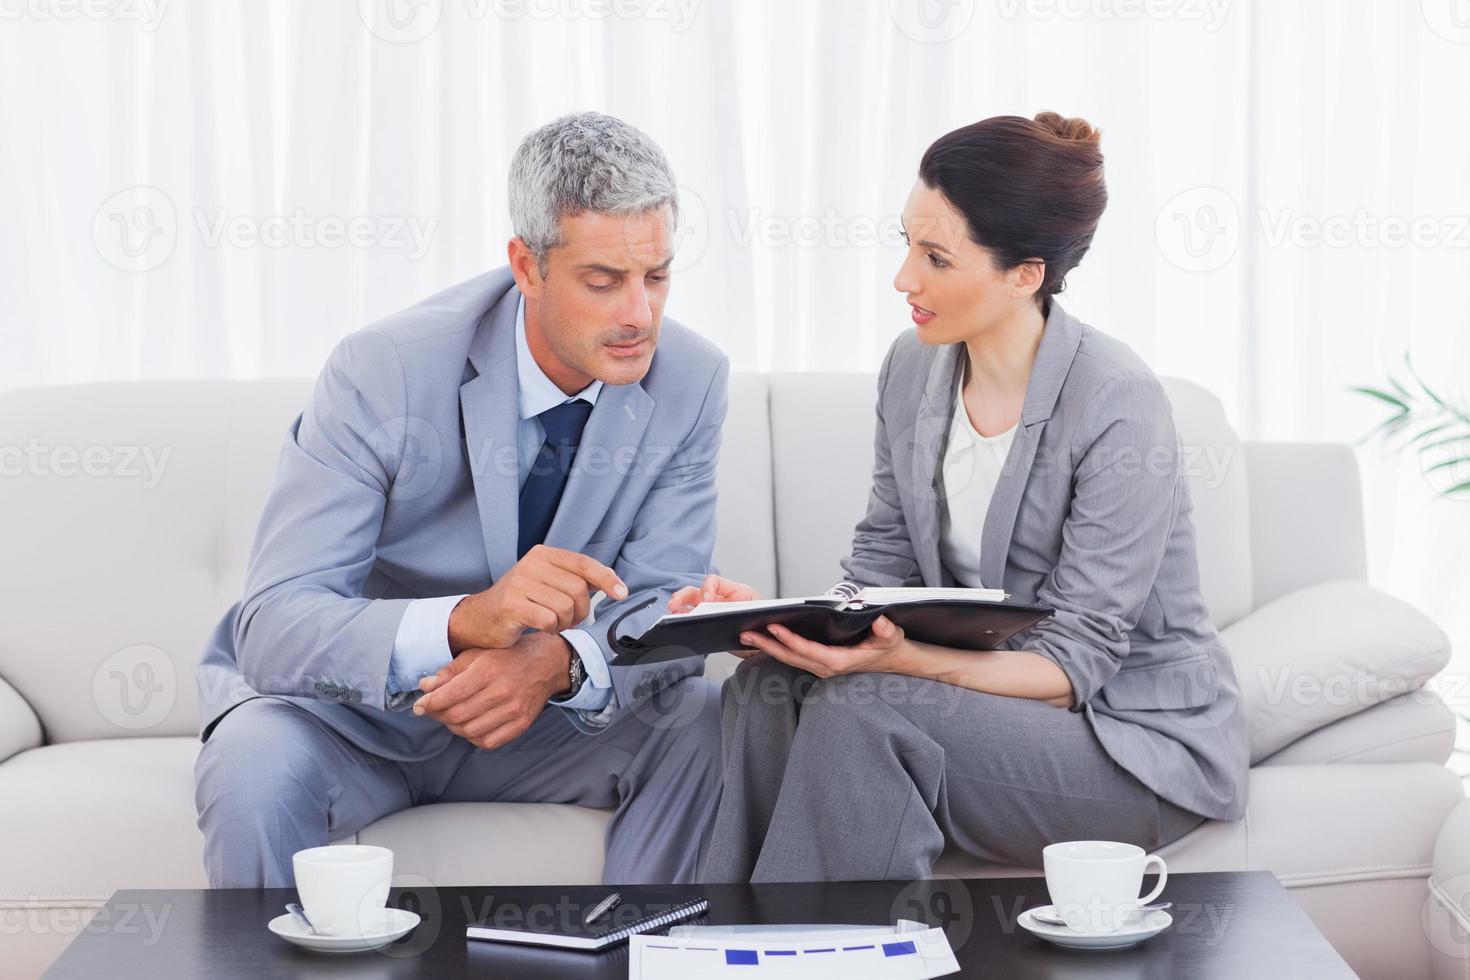 seri uomini d'affari che lavorano e parlano insieme sul divano foto